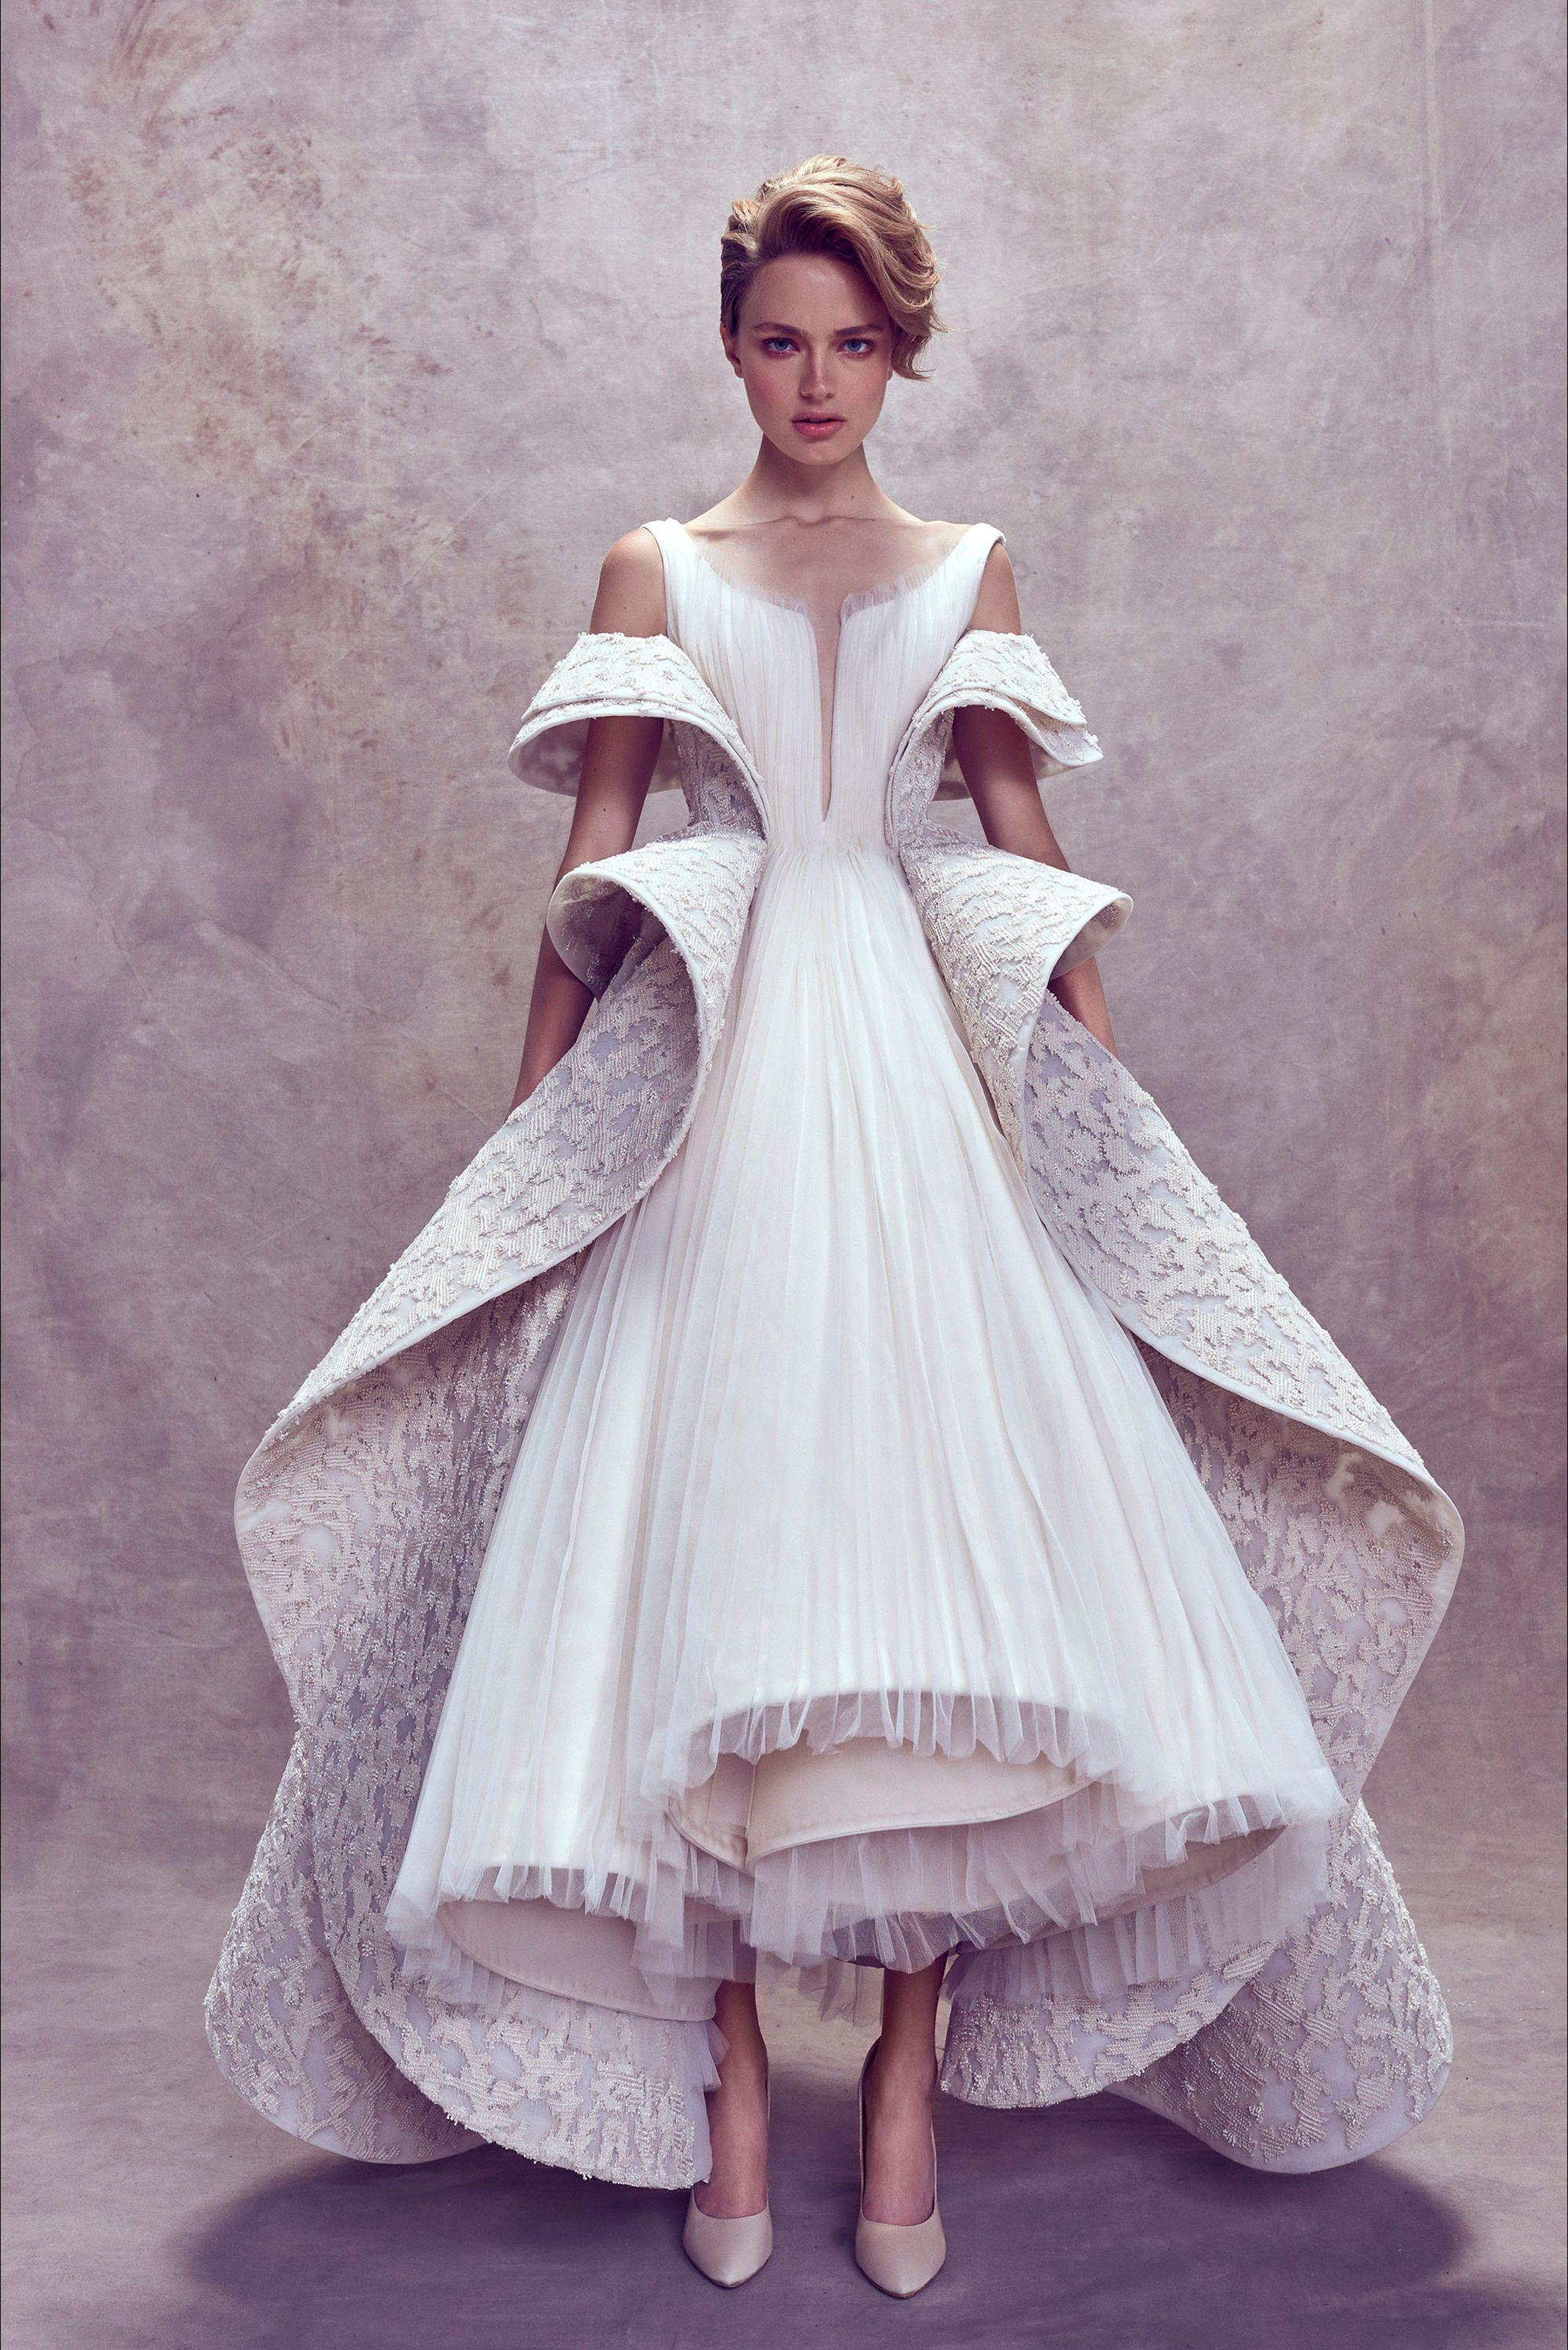 e33146b657b0 Sfilata Ashi Studio Beirut - Alta Moda Autunno-Inverno 2017-18 - Vogue